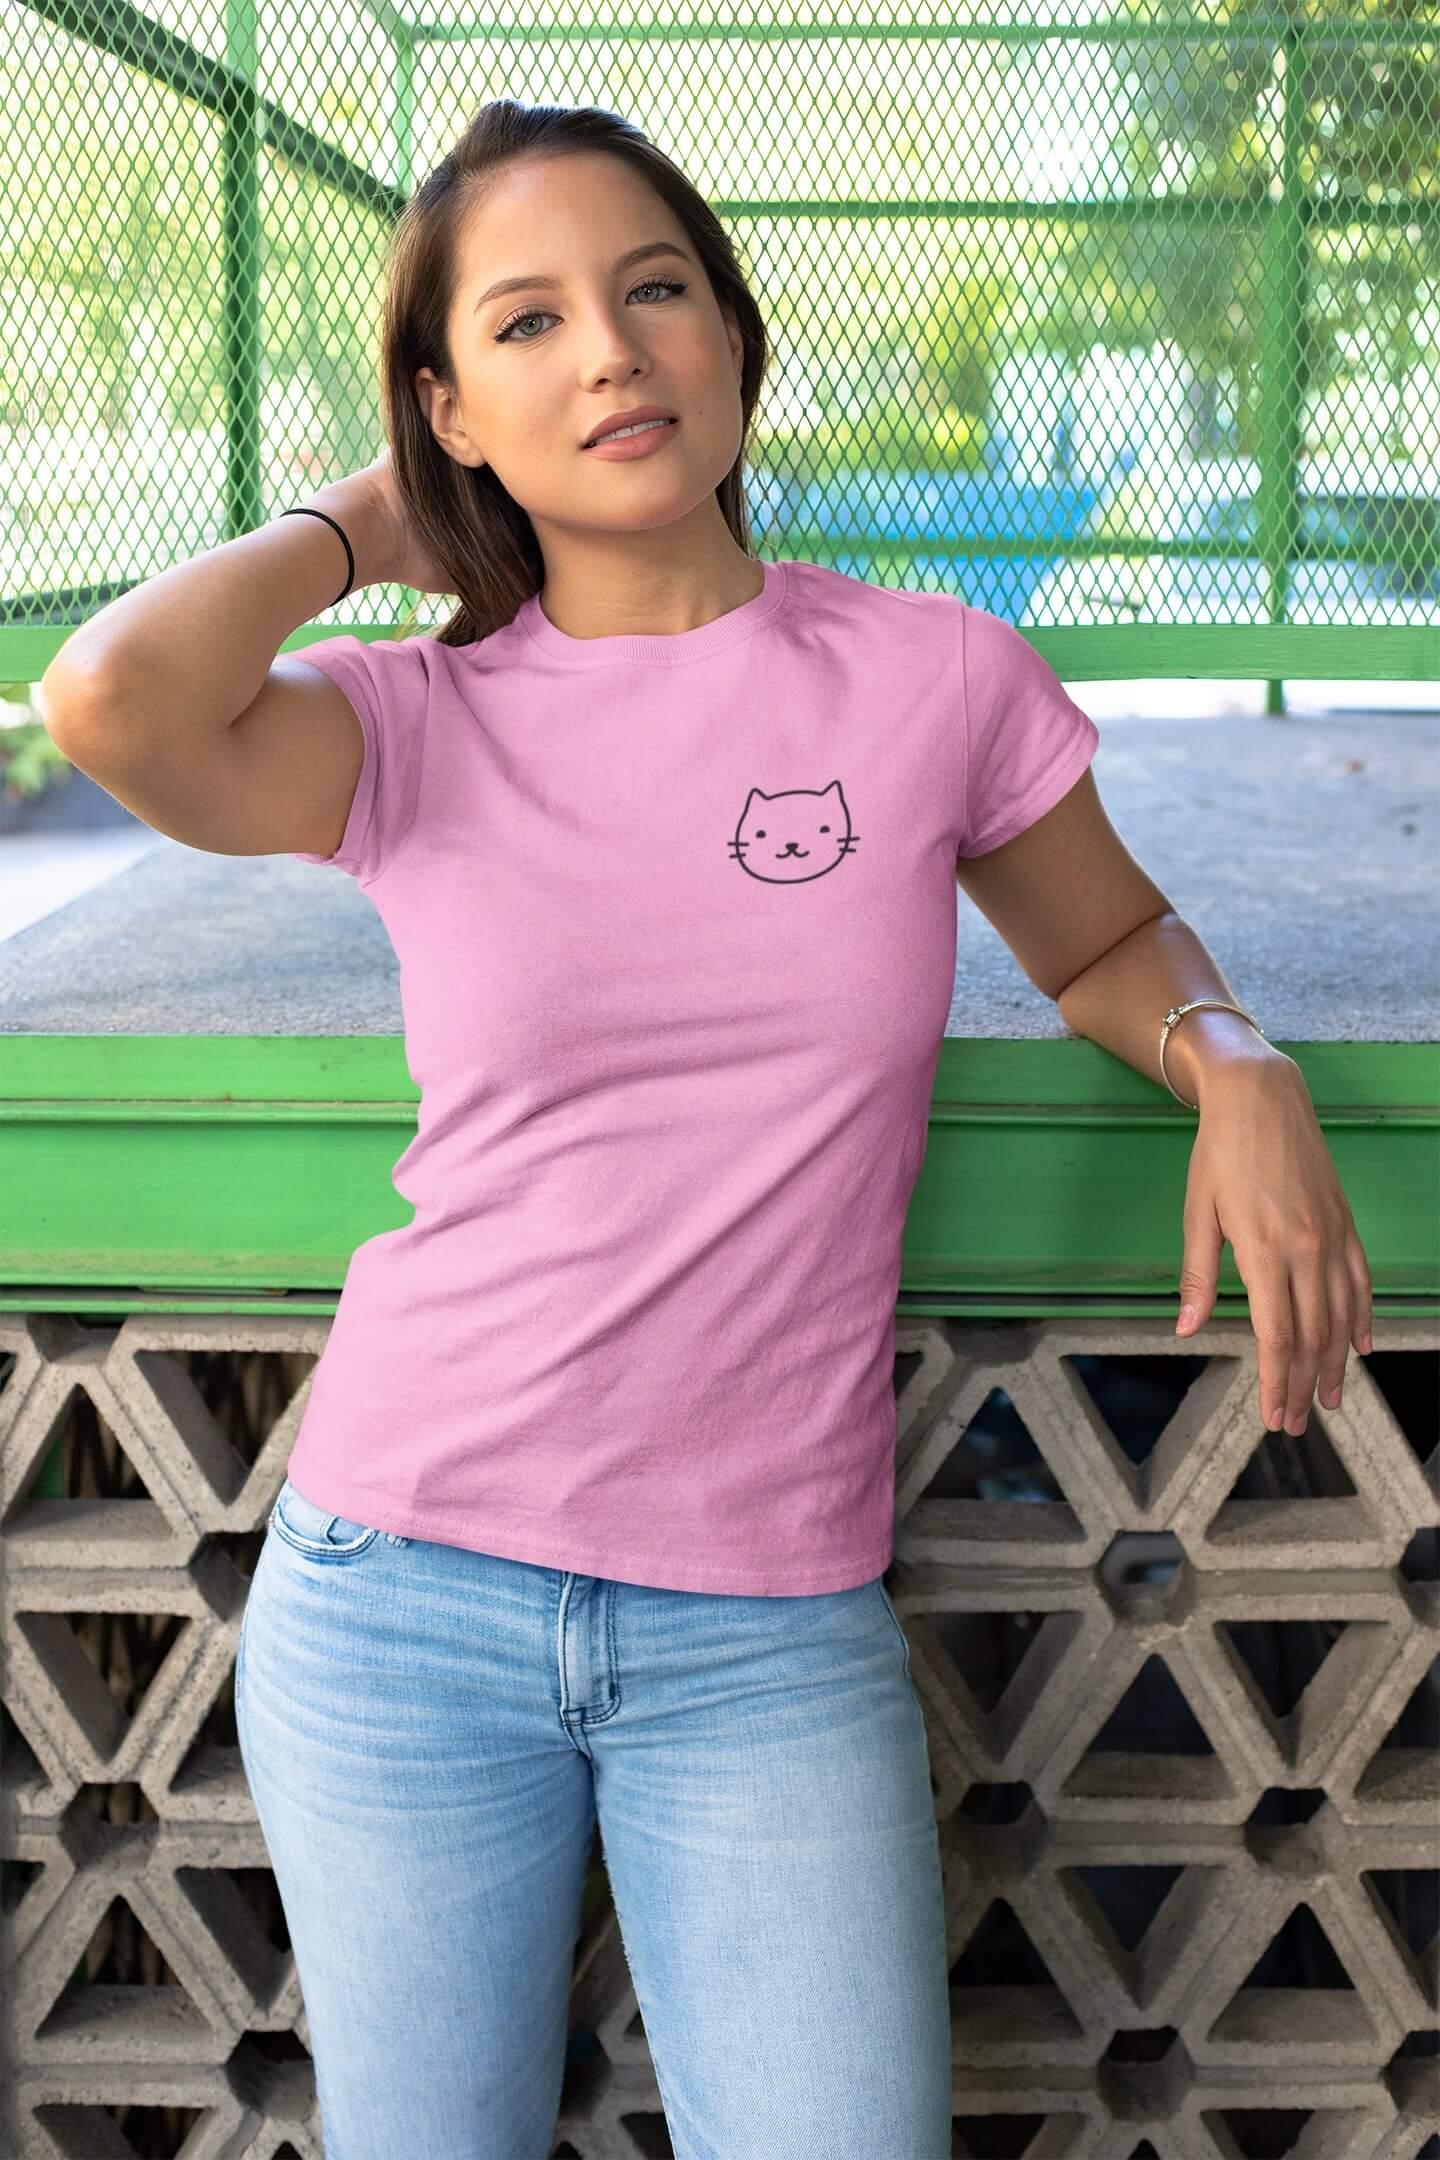 MMO Dámske tričko Mačka Vyberte farbu: Ružová, Dámska veľkosť: S